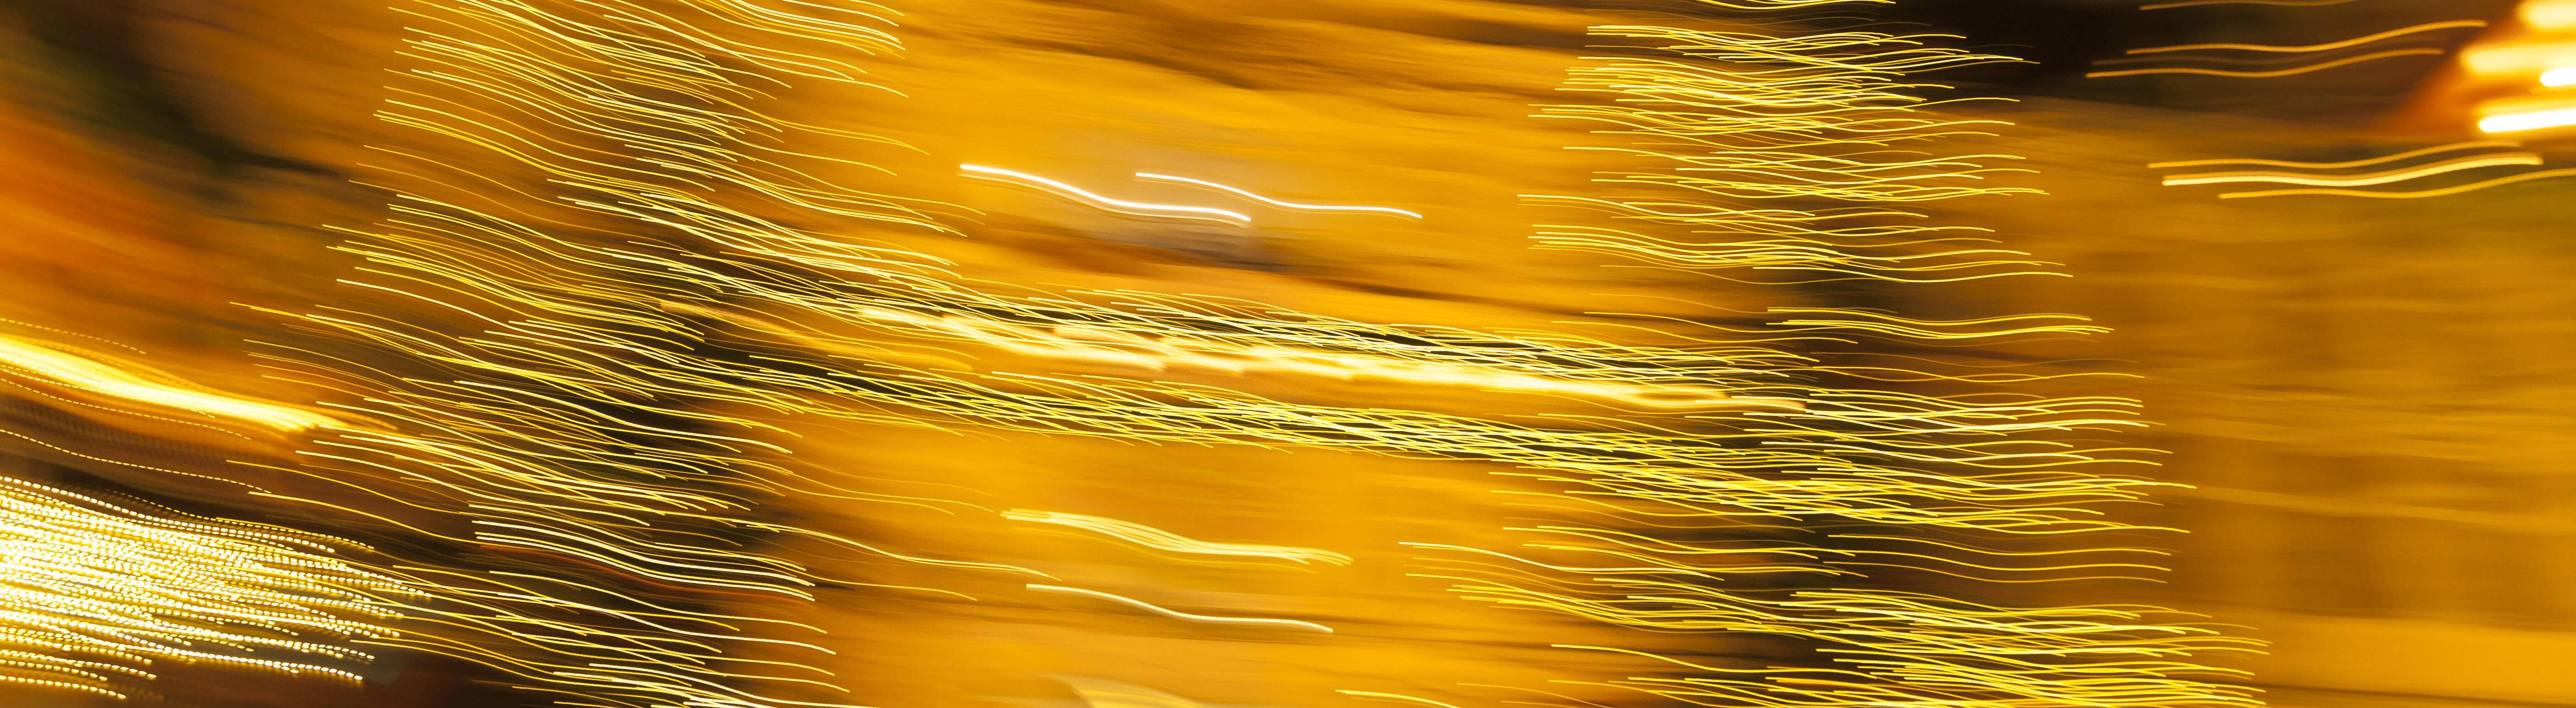 Lichtstreifen